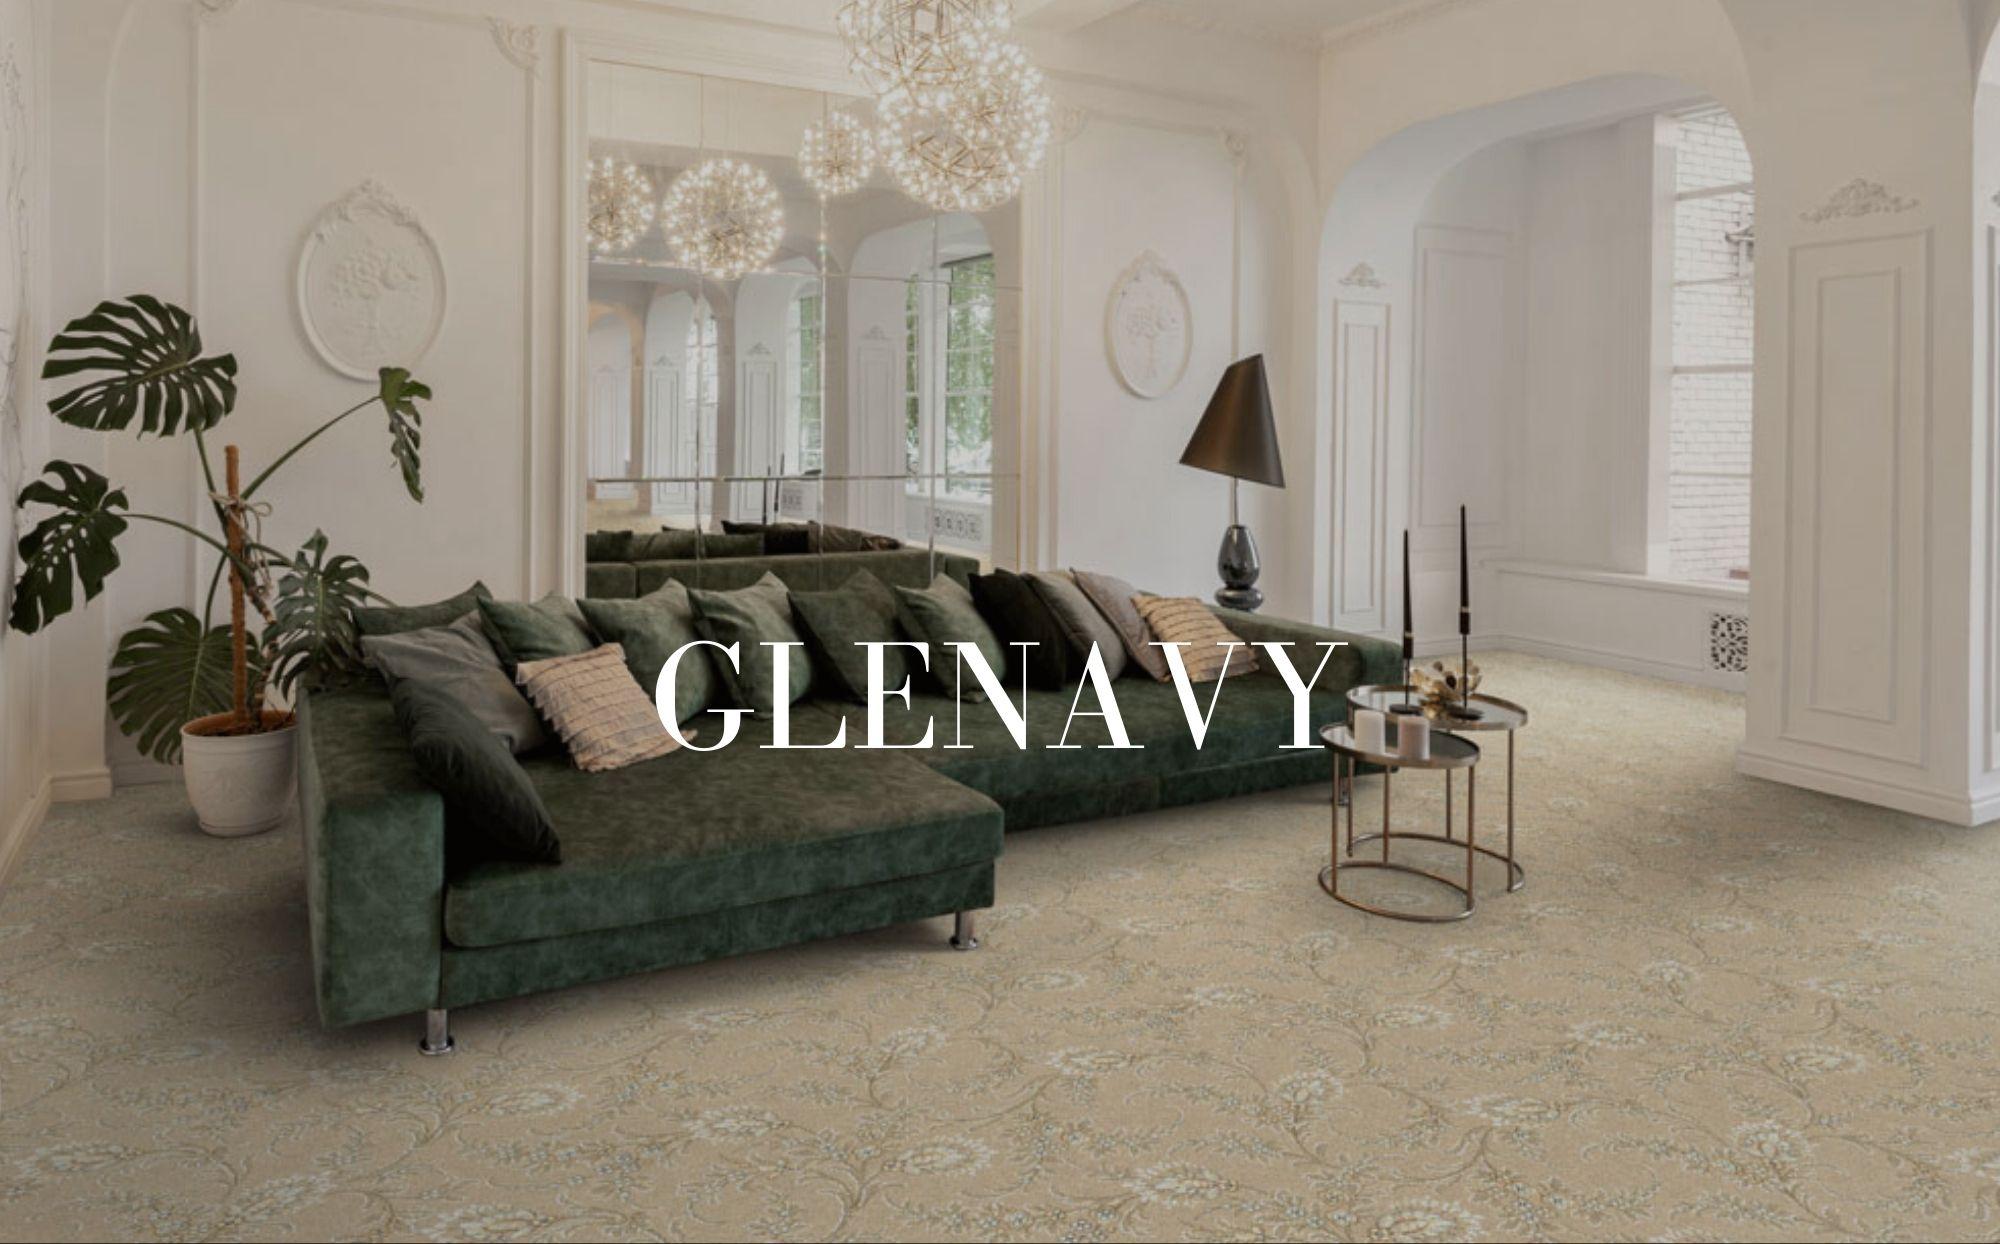 Glenavy